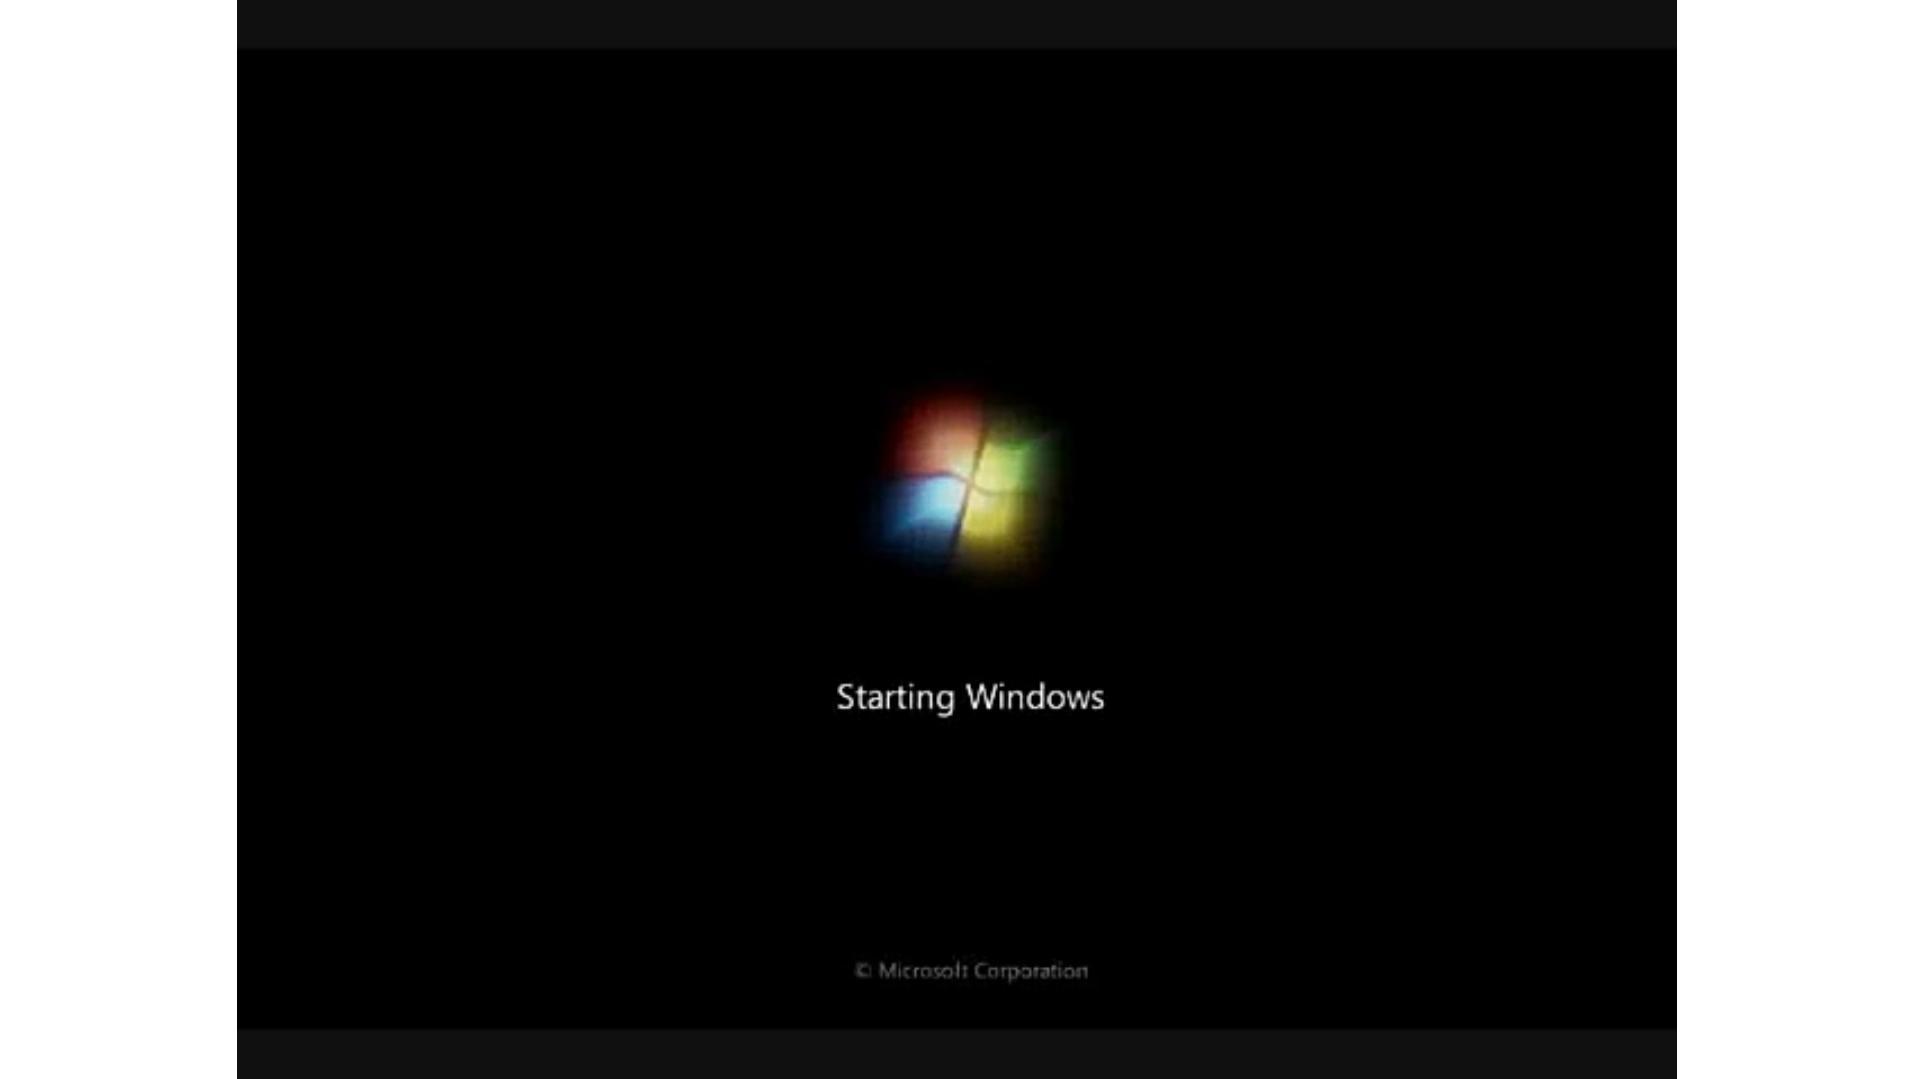 скачать образ windows 7 для limbo